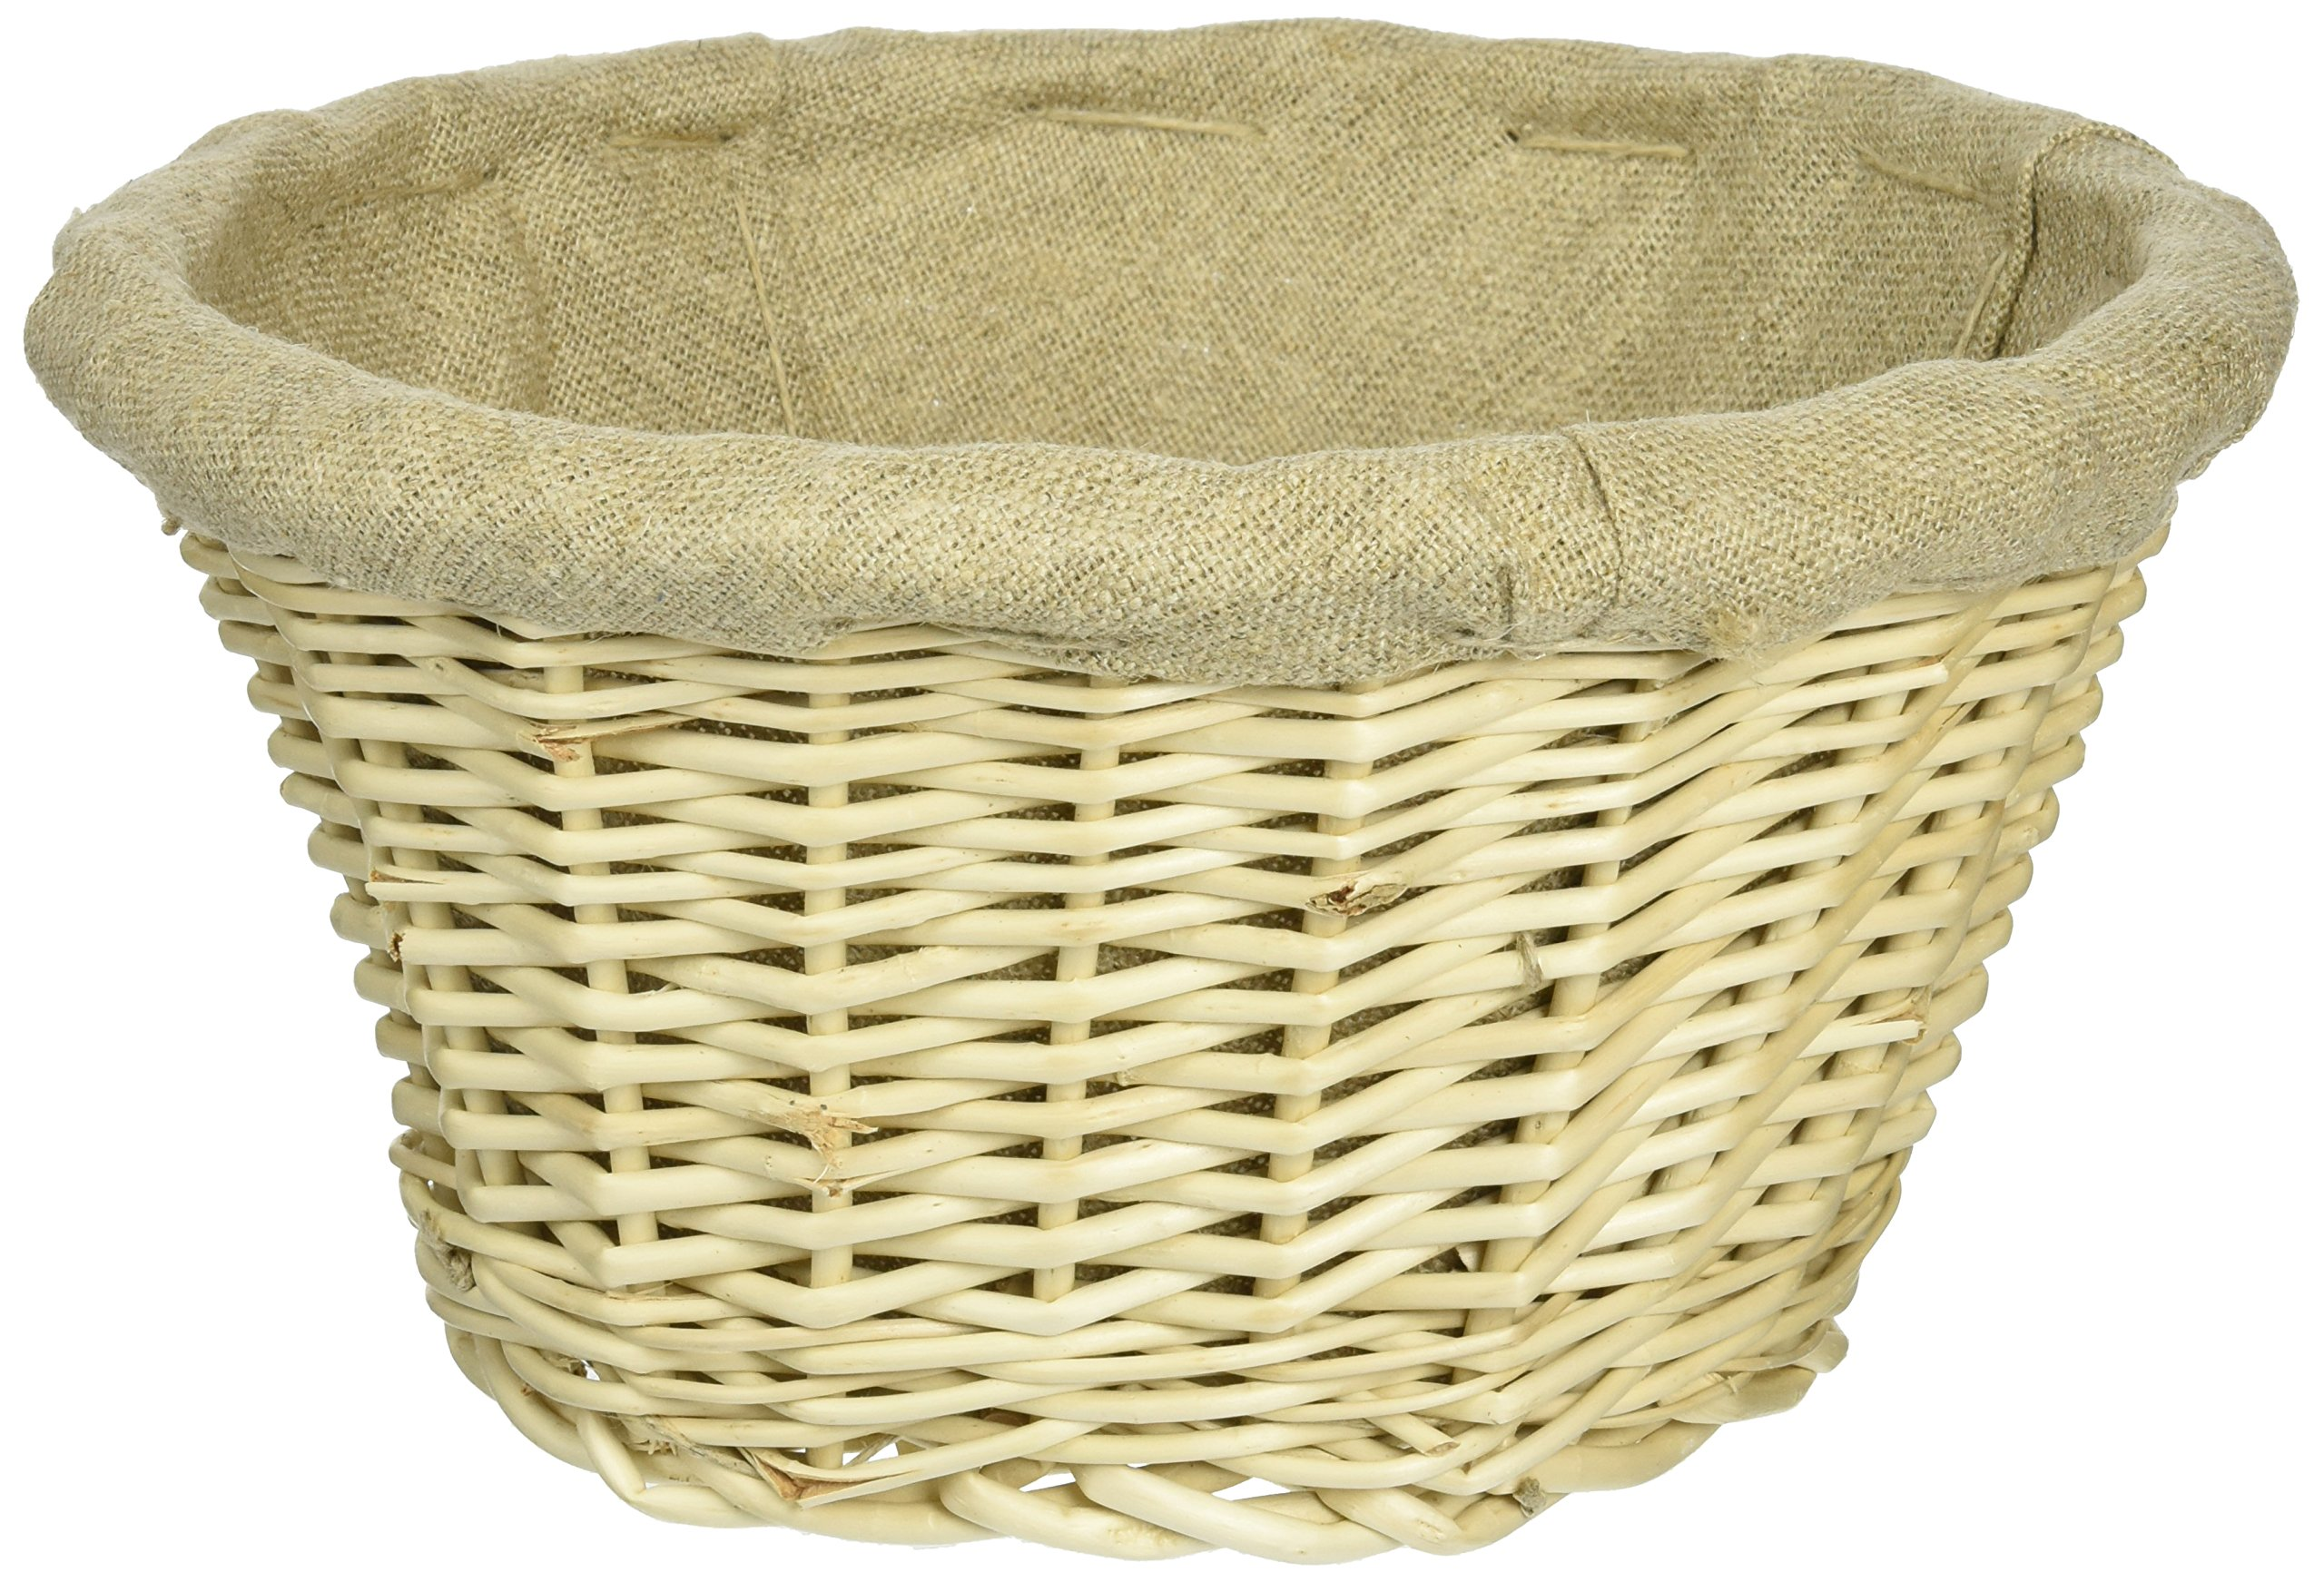 Matfer 8 1/4 Inch Banneton Line Lined Basket